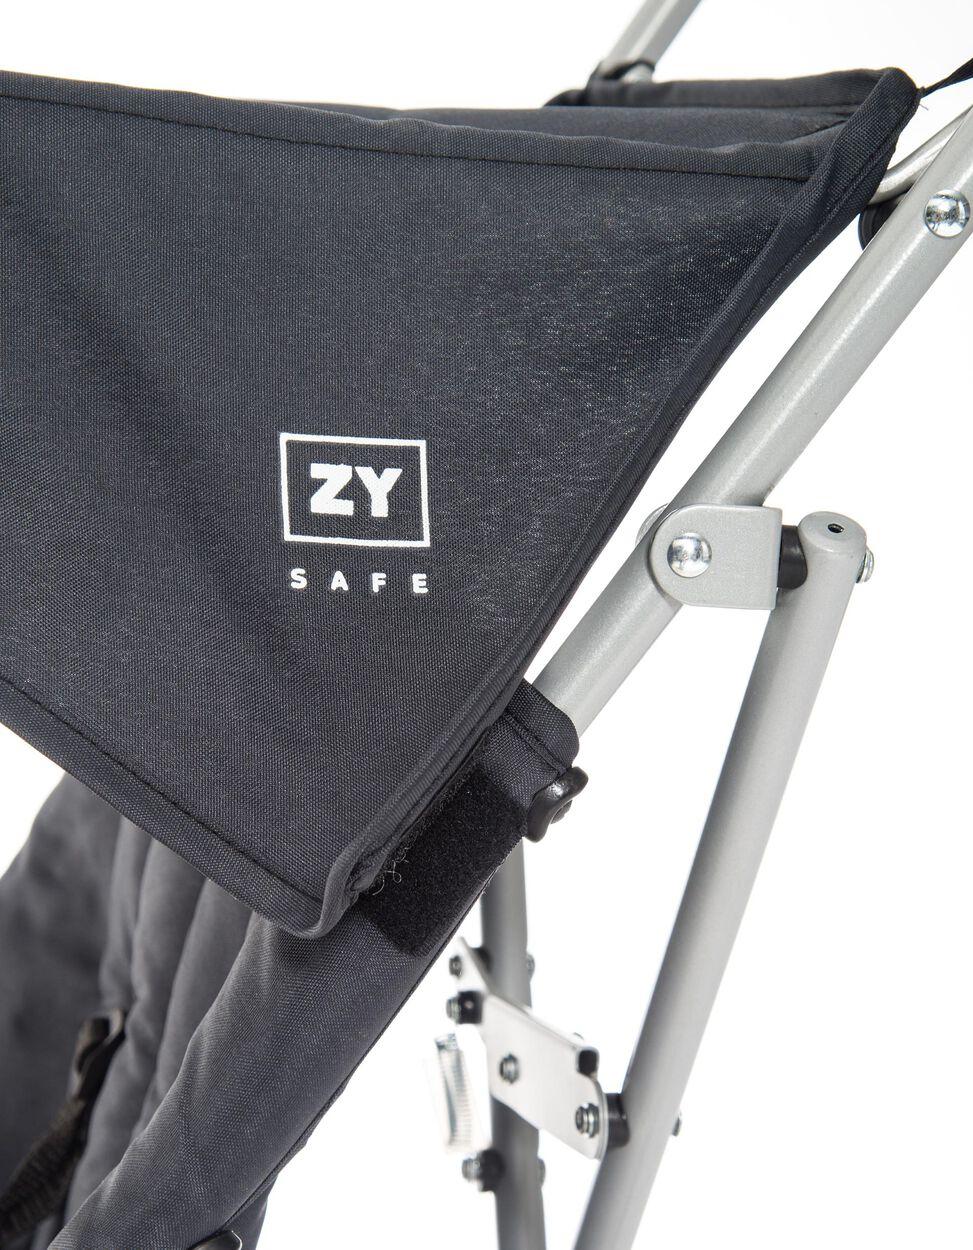 Silla de Paseo Road Zy Safe